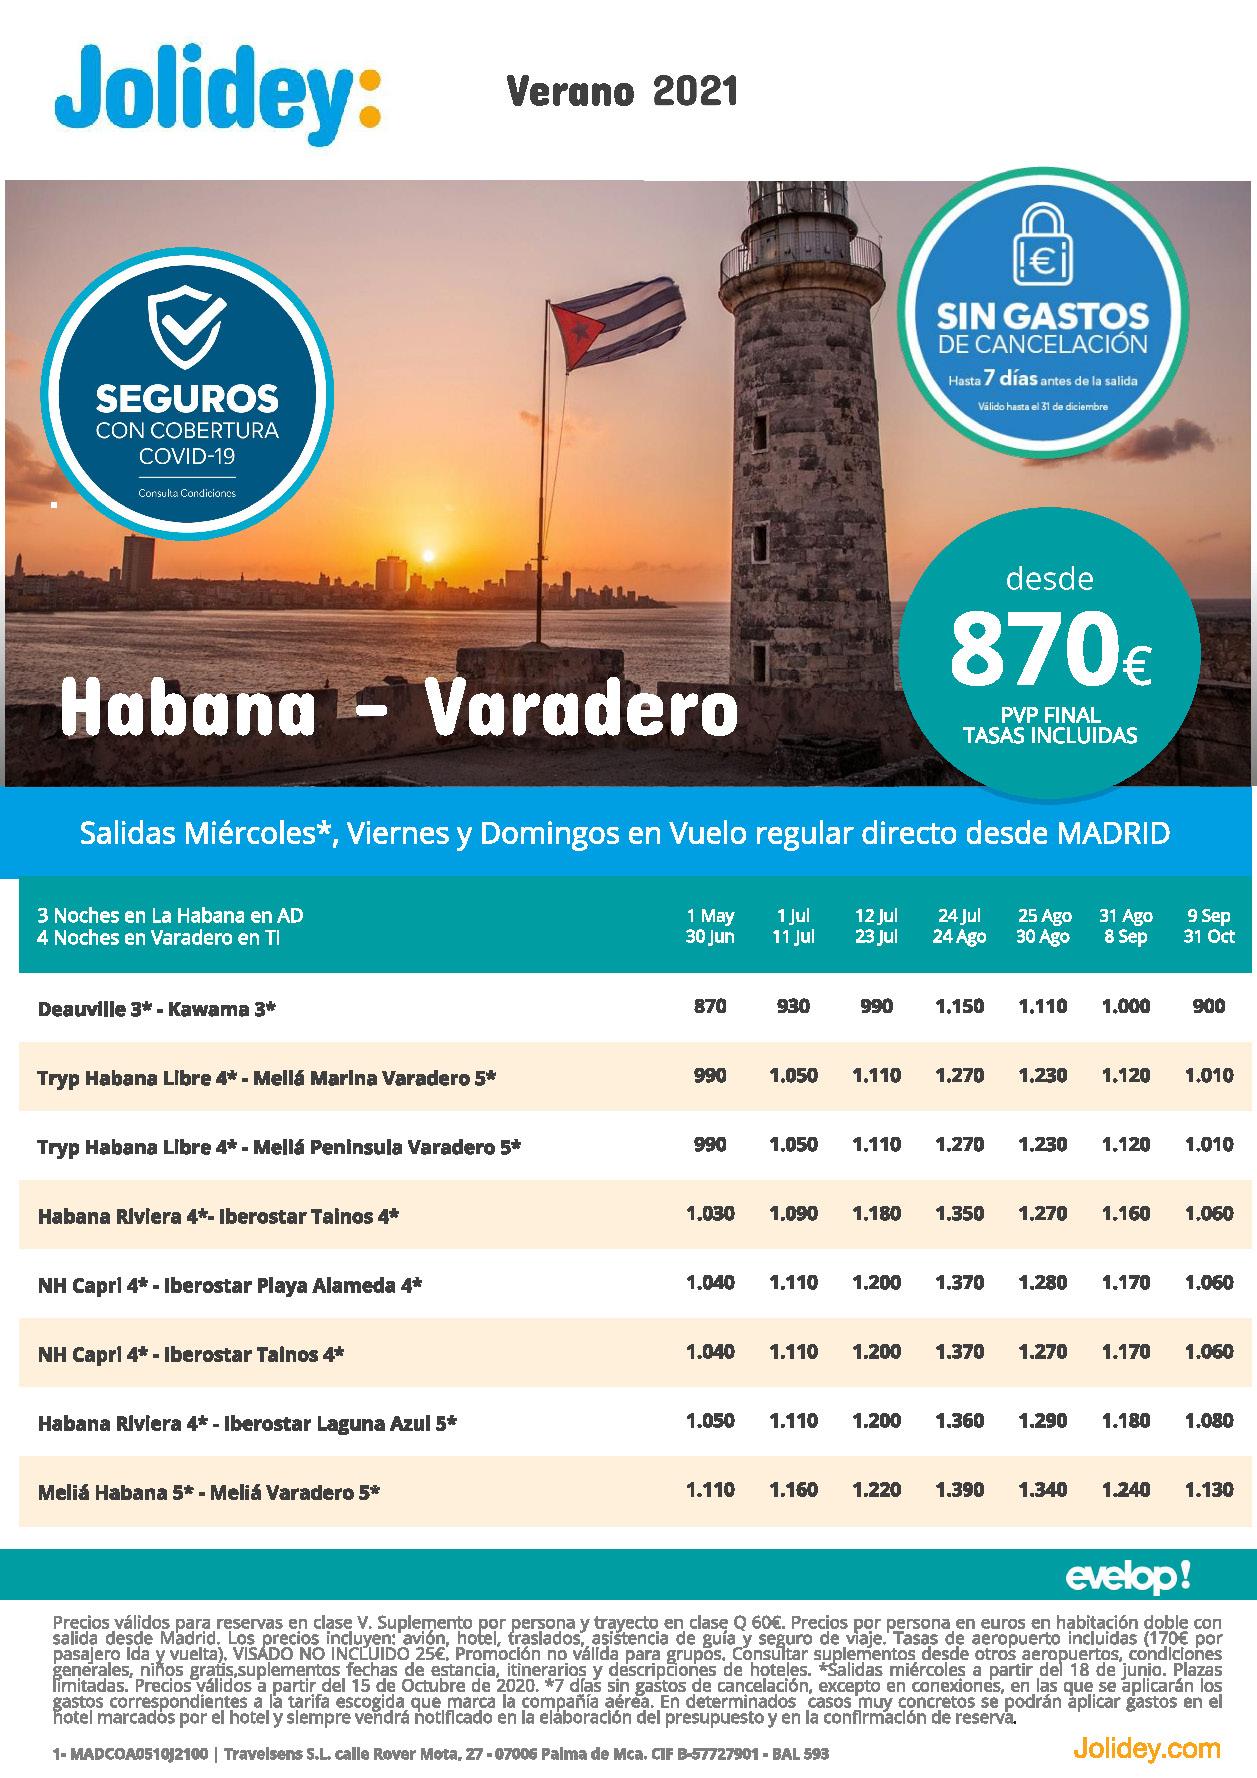 Oferta Jolidey Combinado La Habana-Varadero Cuba Verano 2021 vuelo directo desde Madrid